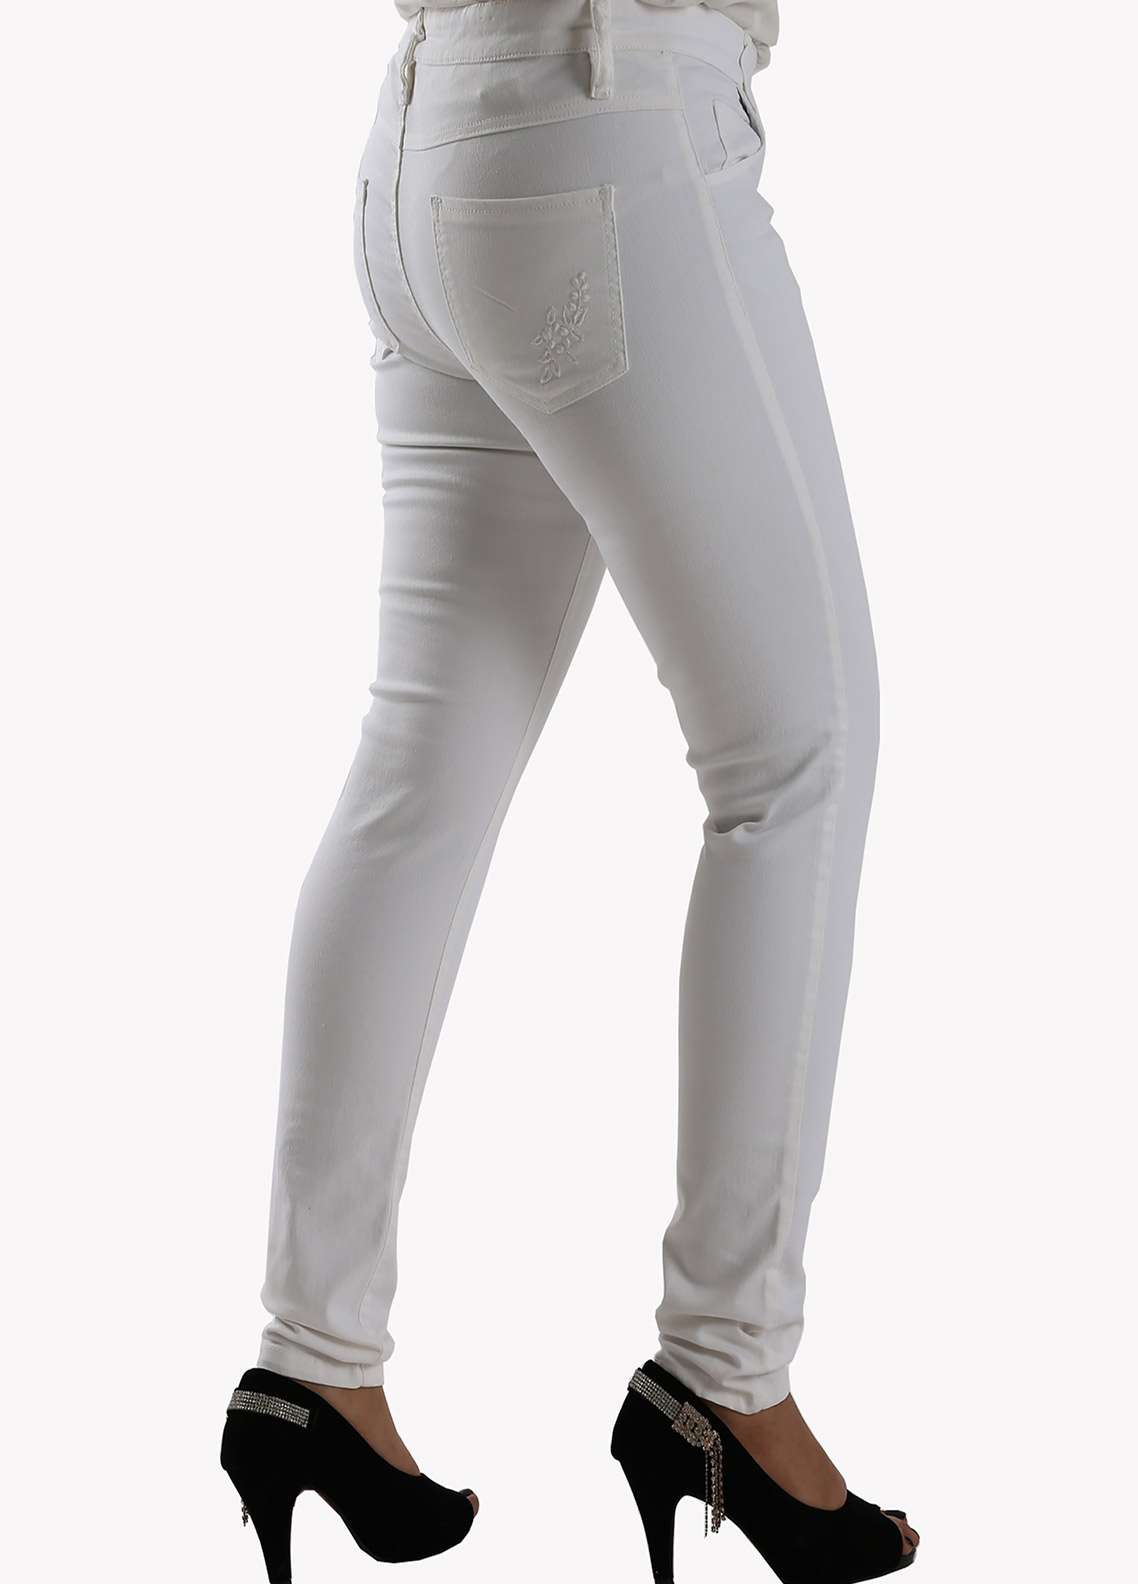 Bien Habille Ladies Jeans Skinny Fit White